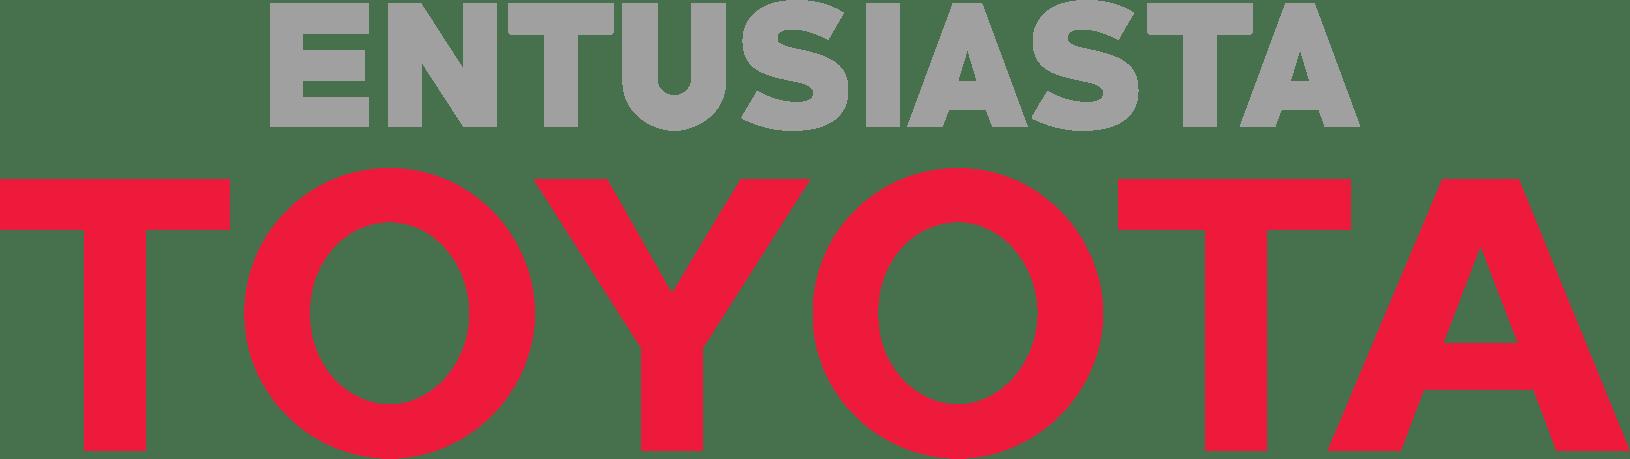 Entusiasta Toyota